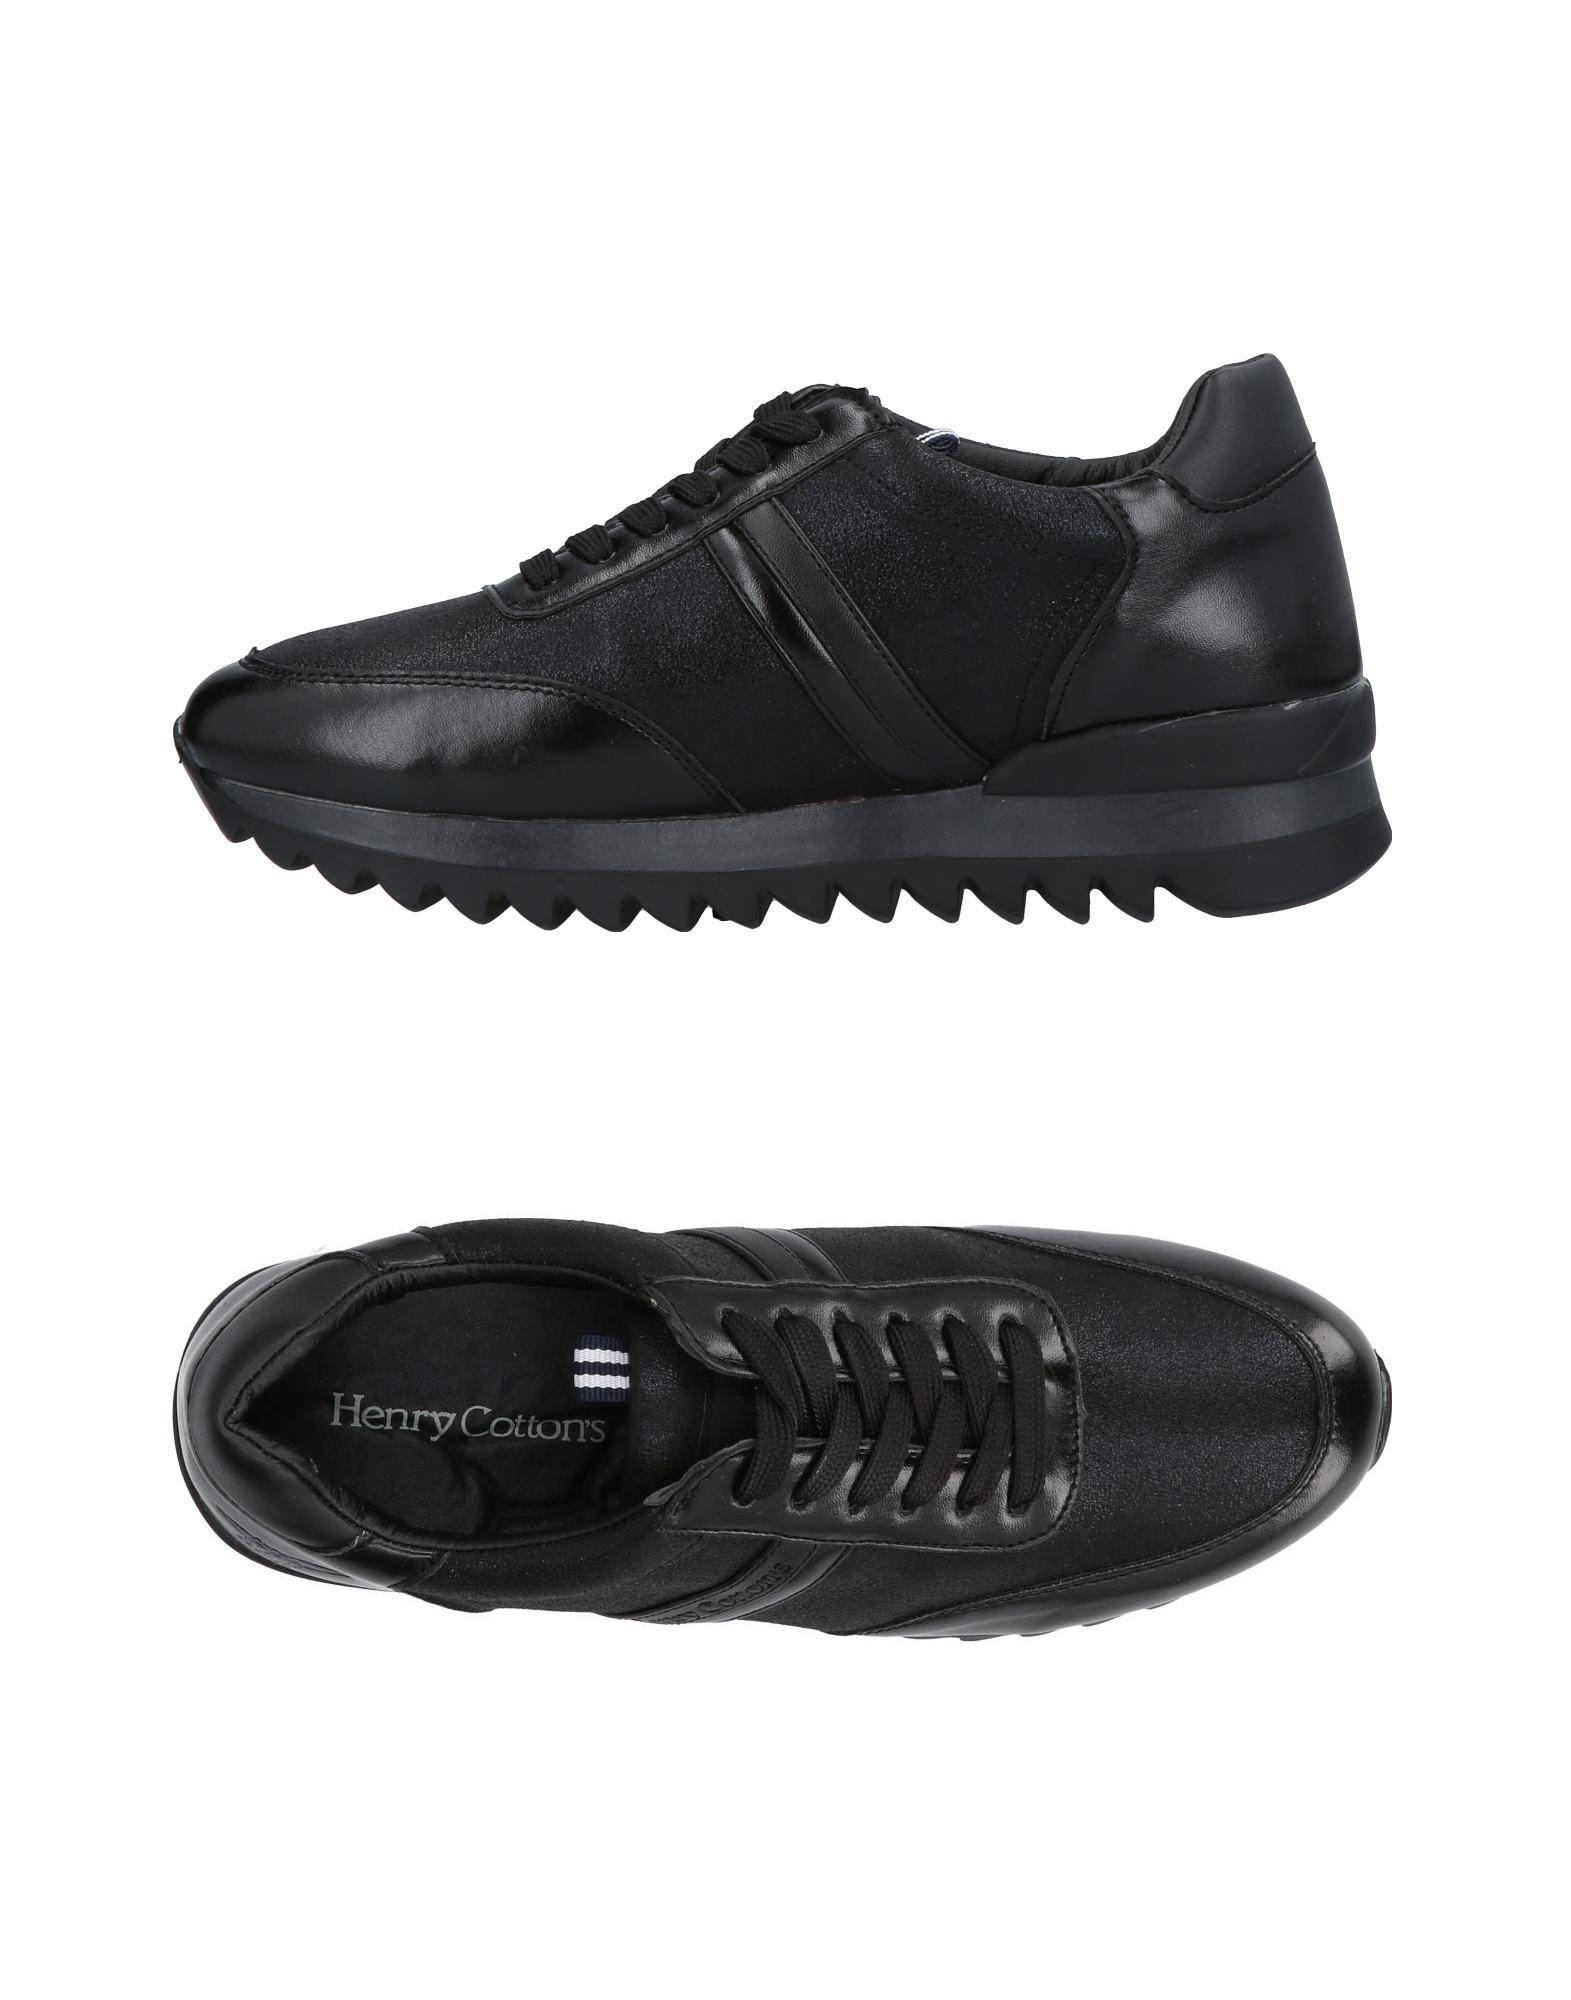 Zapatillas Hry Cotton's Mujer Negro - Zapatillas Hry Cotton's  Negro Mujer de477f